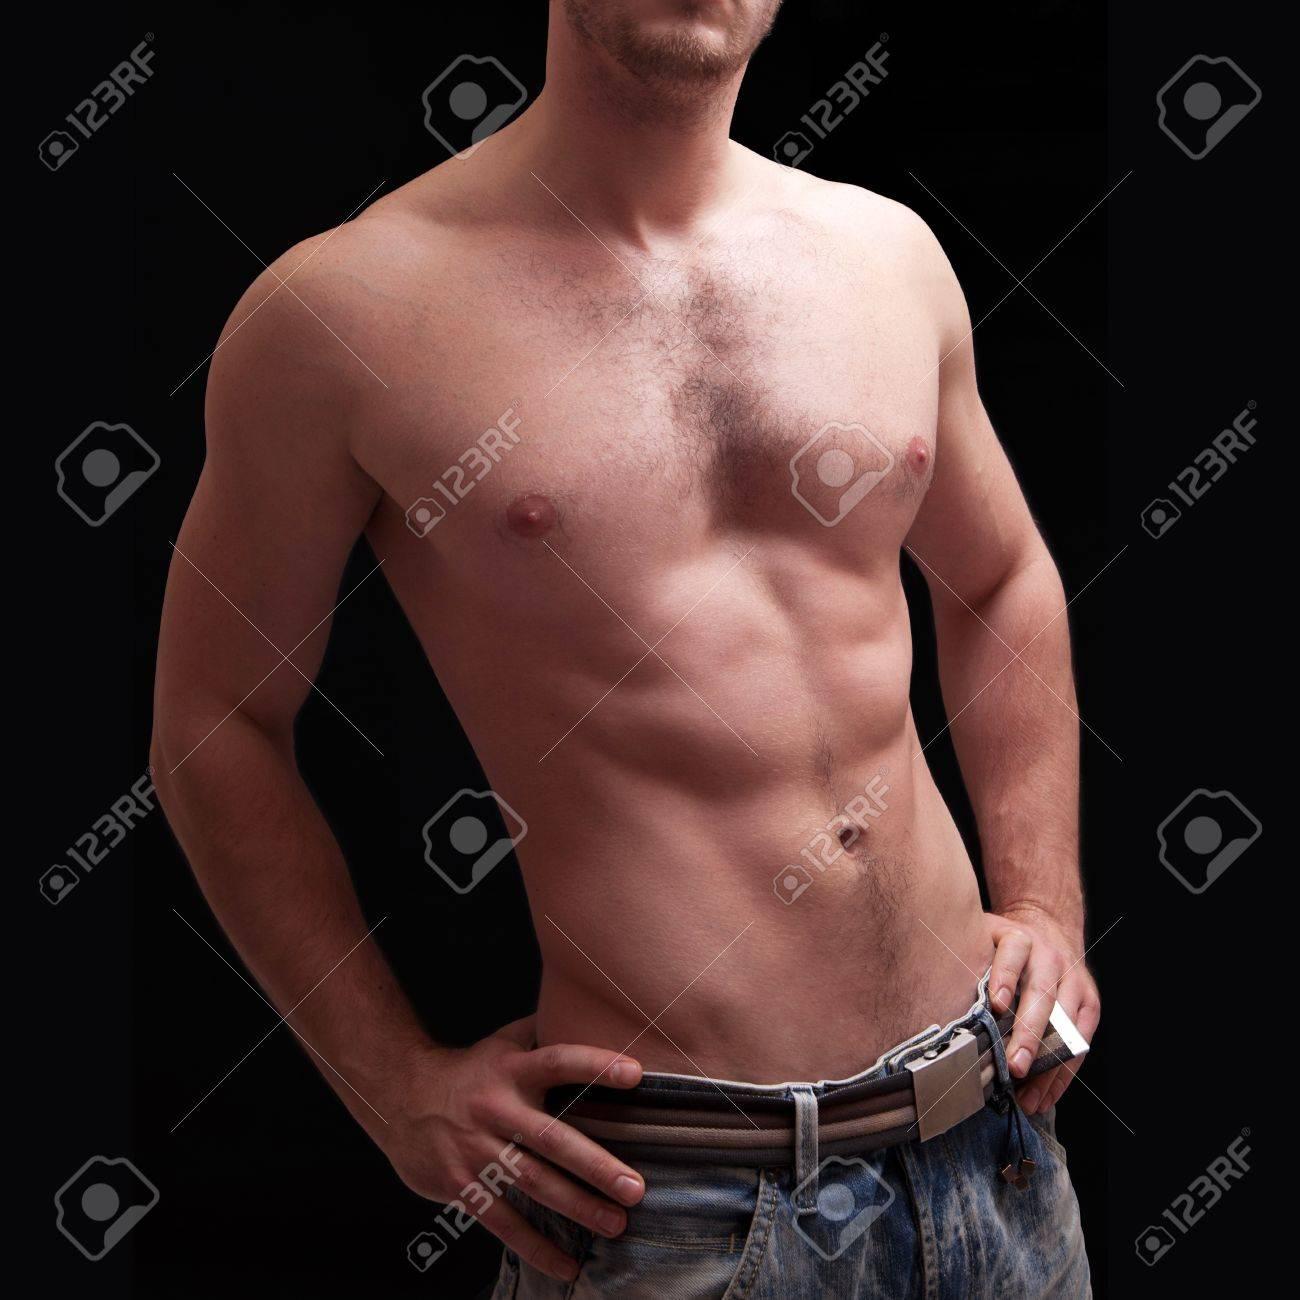 mann 70 nackt